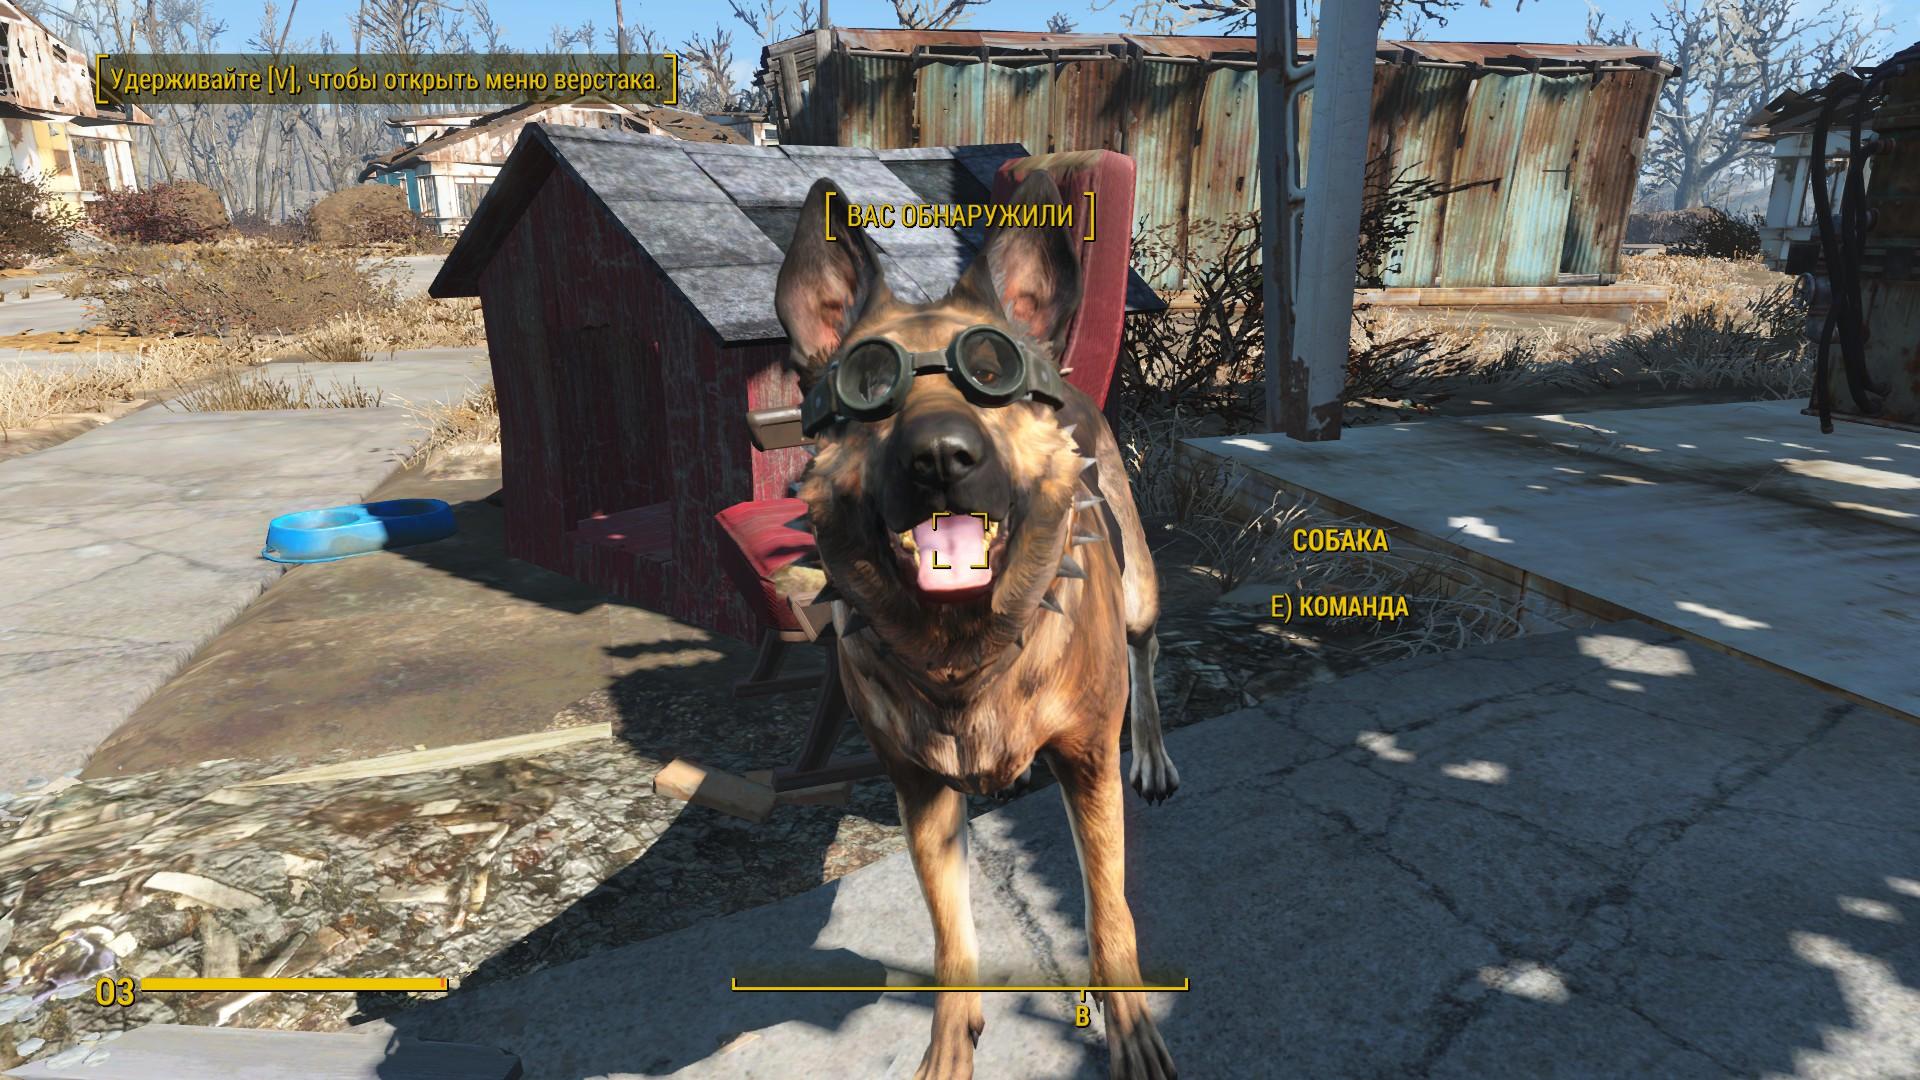 Собака - Fallout 4 Собака, Собака в очках, Собака в ошейнике